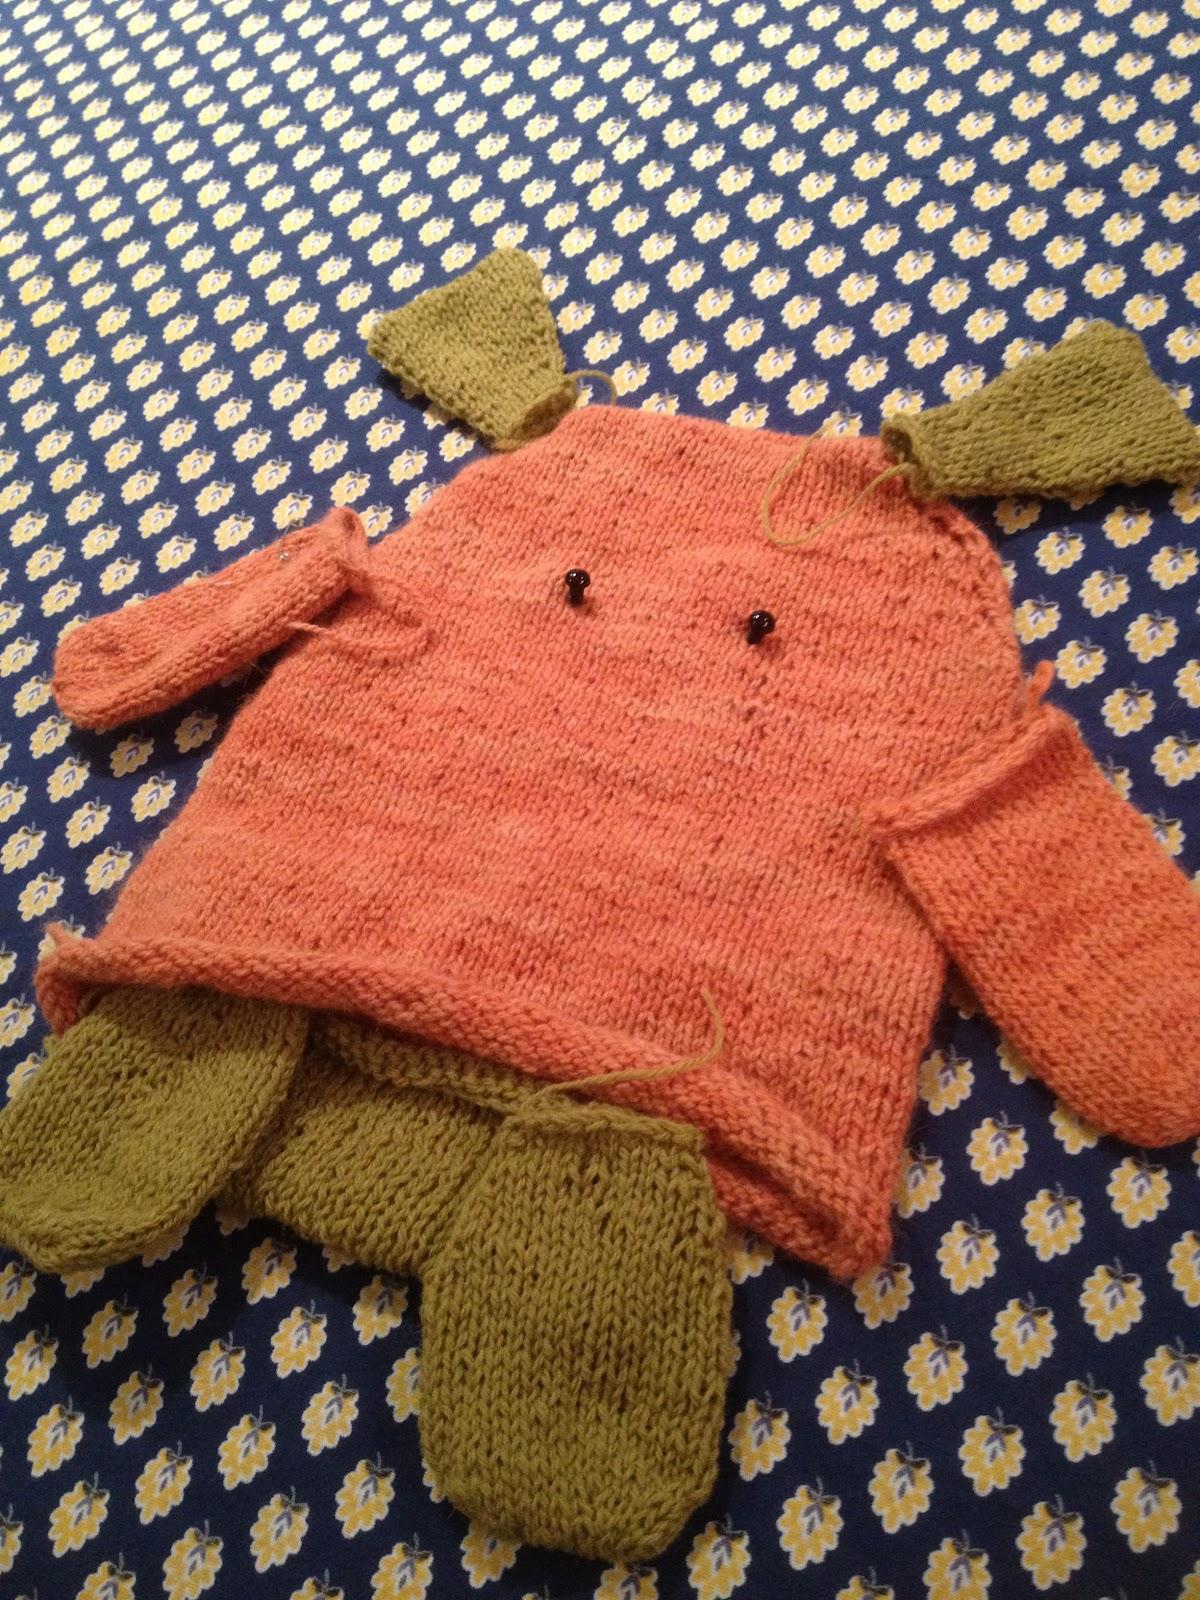 swirl yoke knitting pattern